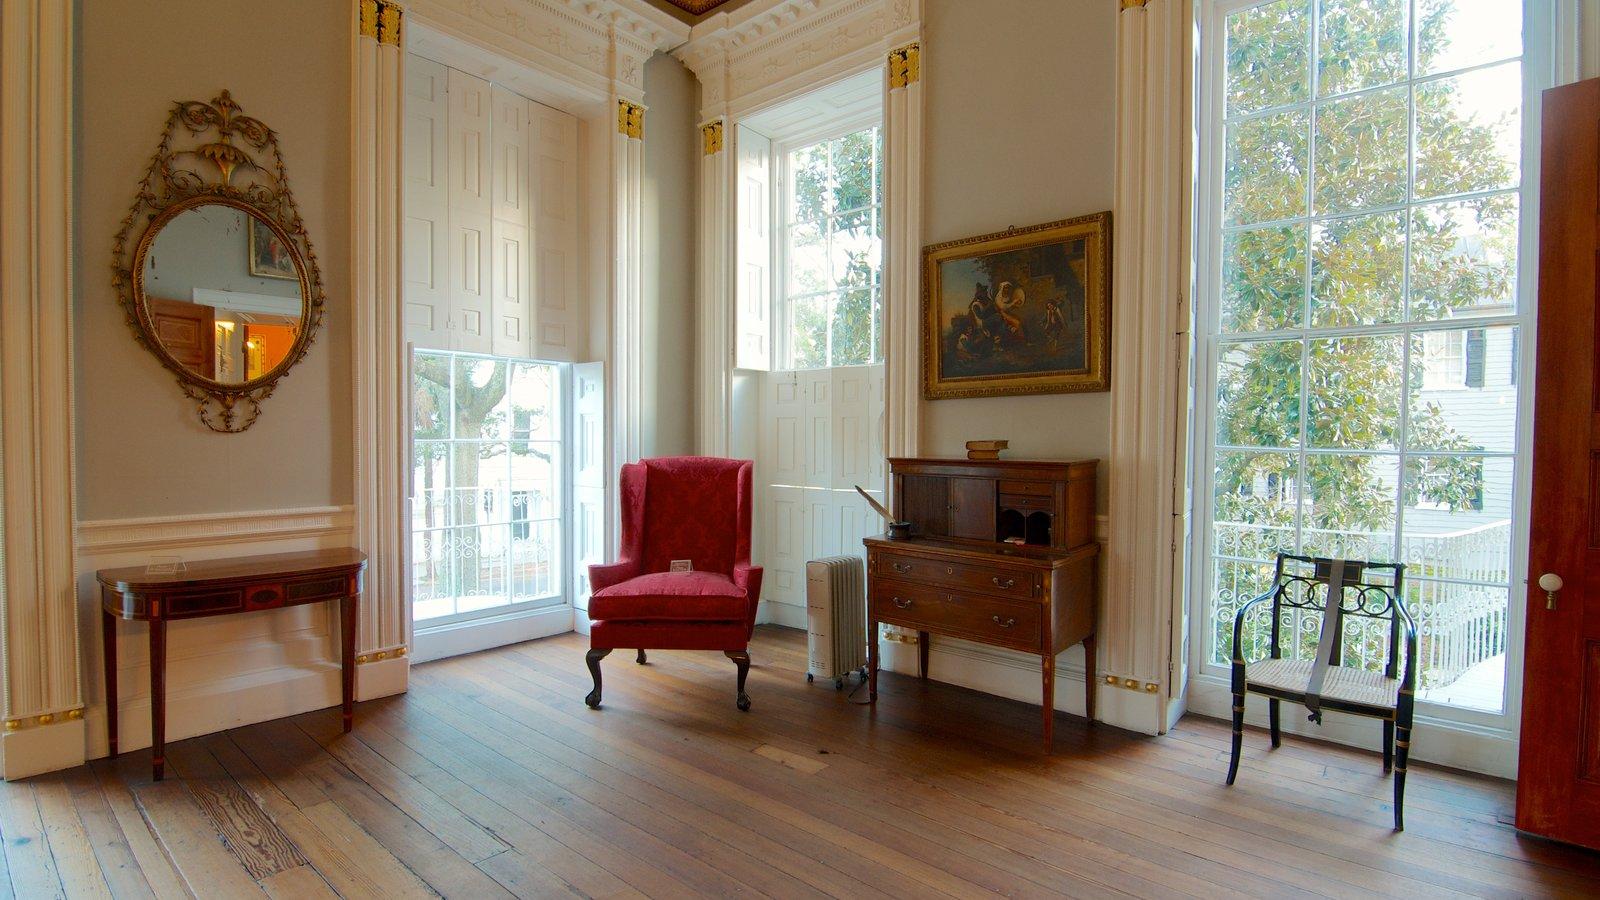 Nathaniel Russell House mostrando arquitetura de patrimônio e vistas internas